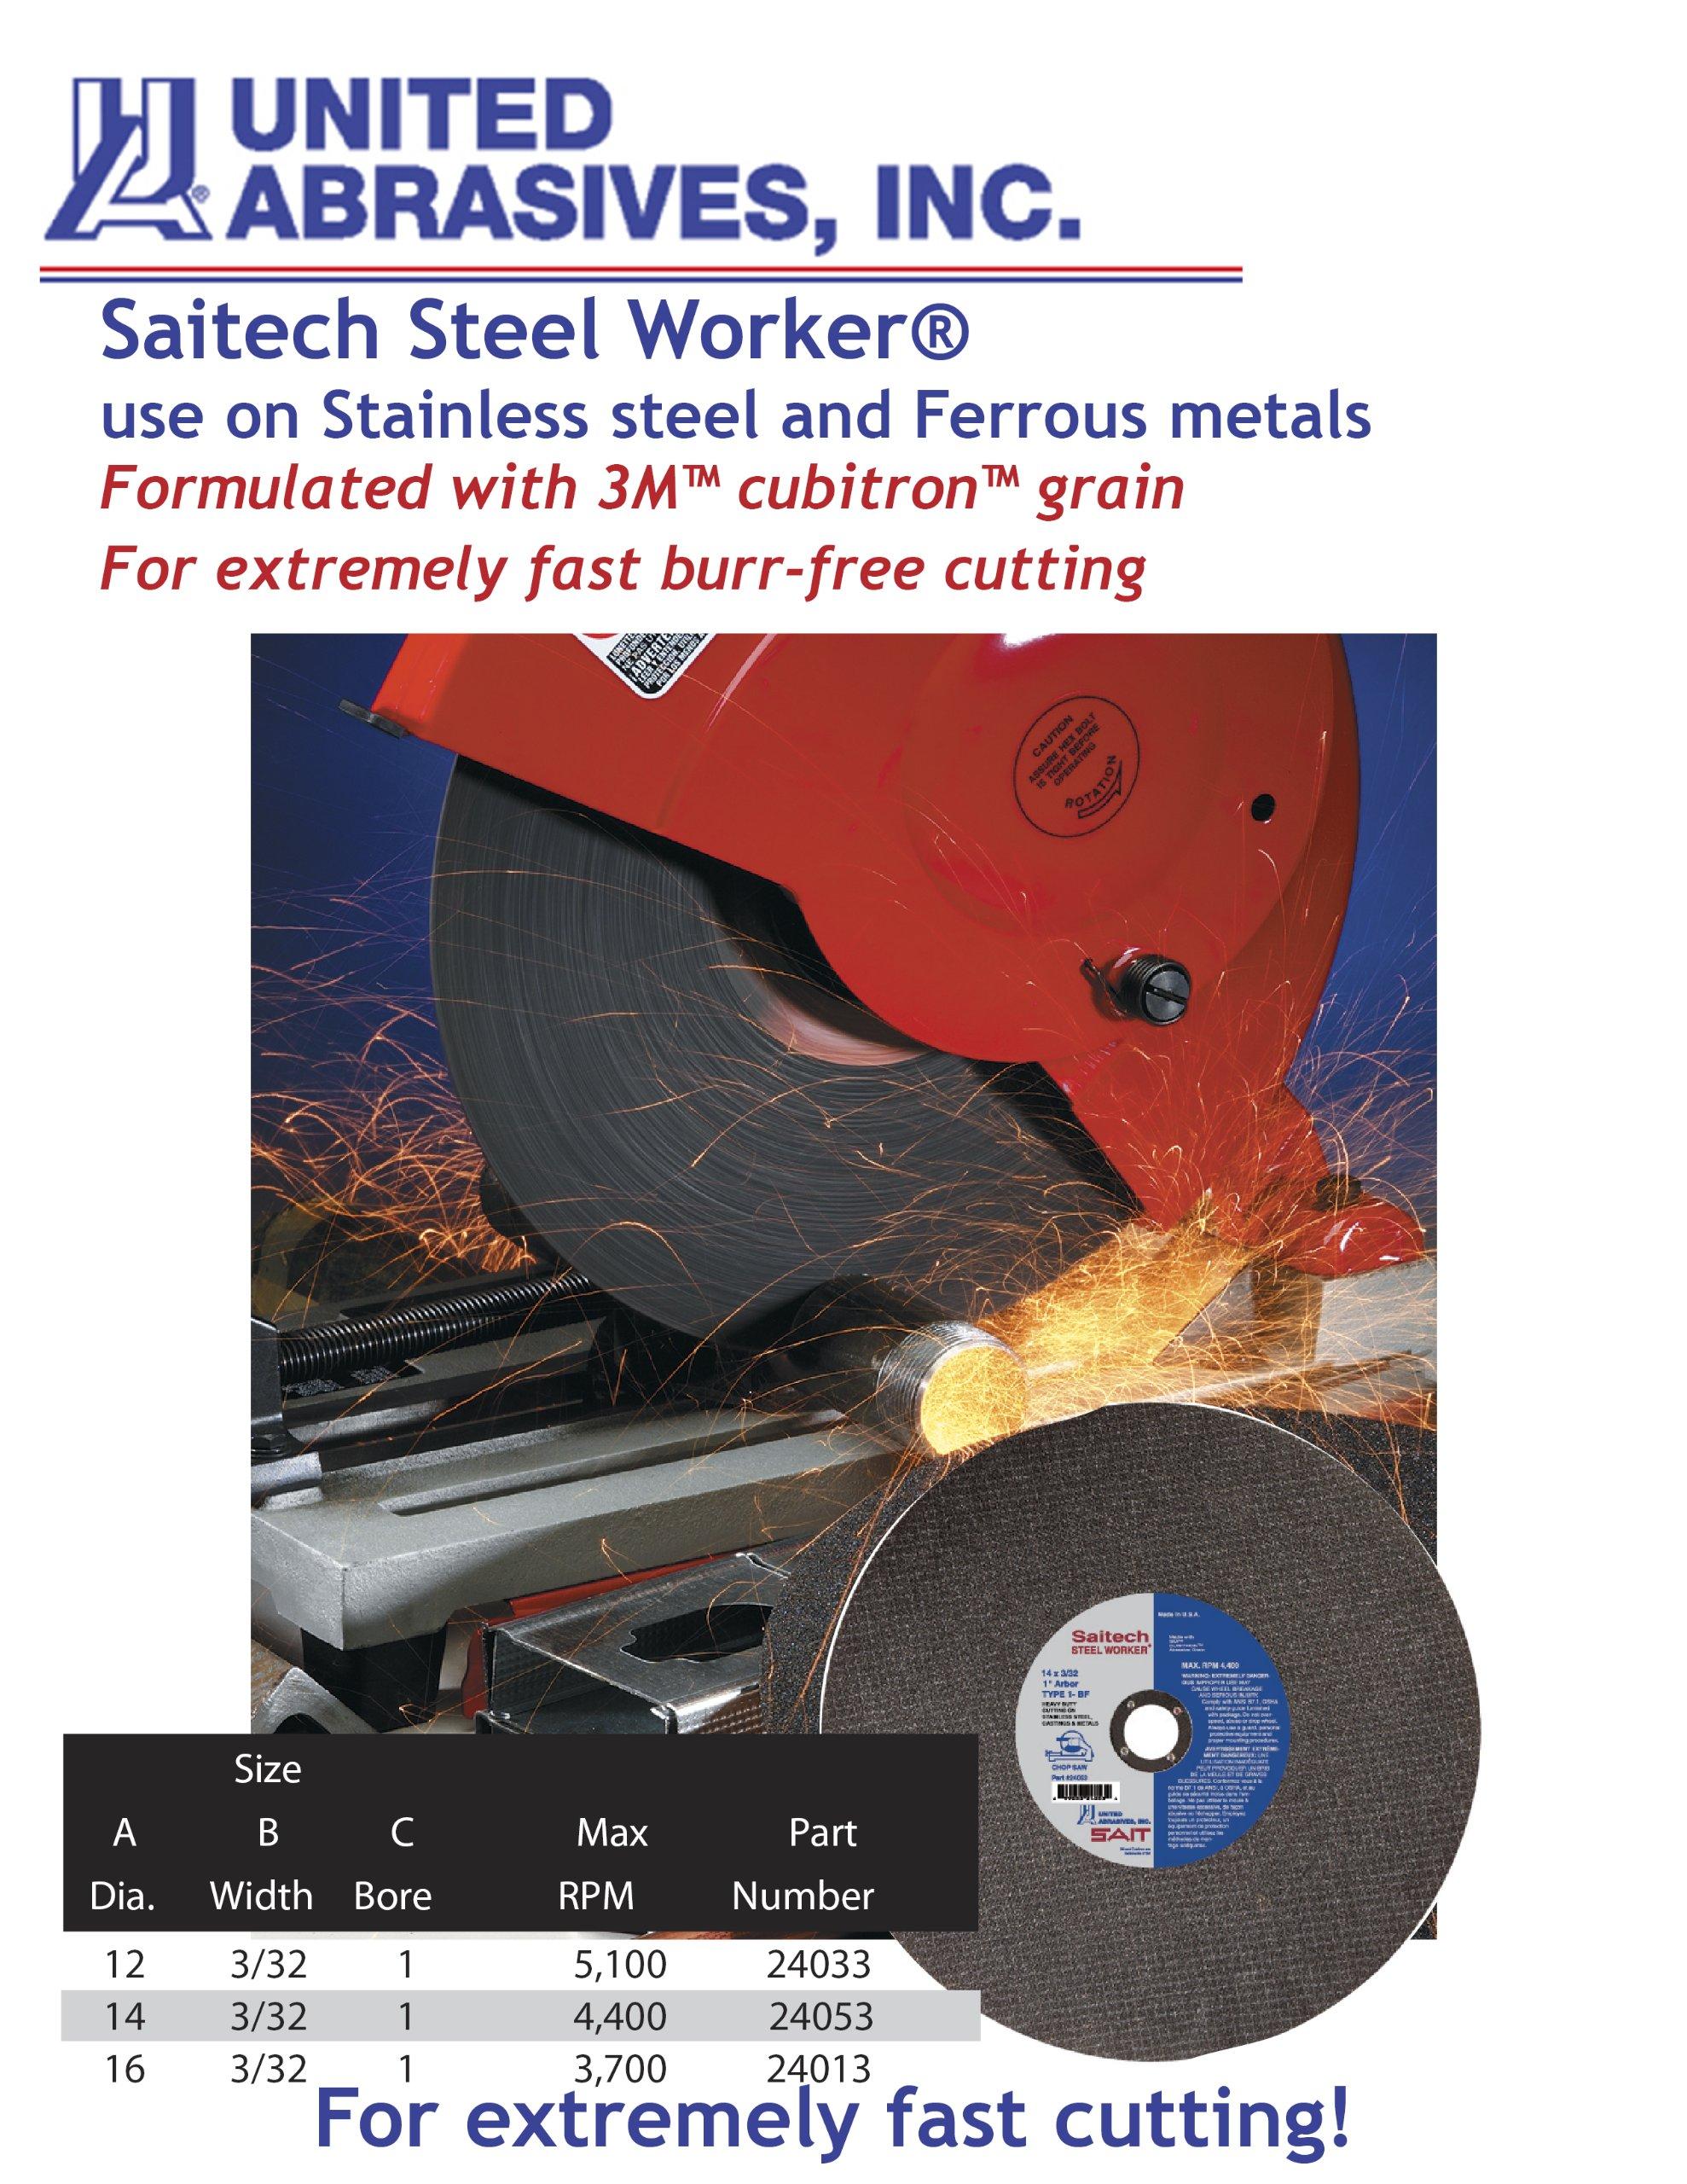 United Abrasives SAIT 24053 Type 1 14-Inch x 3/32-Inch x 1-Inch Saitech Steel Worker Chop Saw Blade, 10-Pack